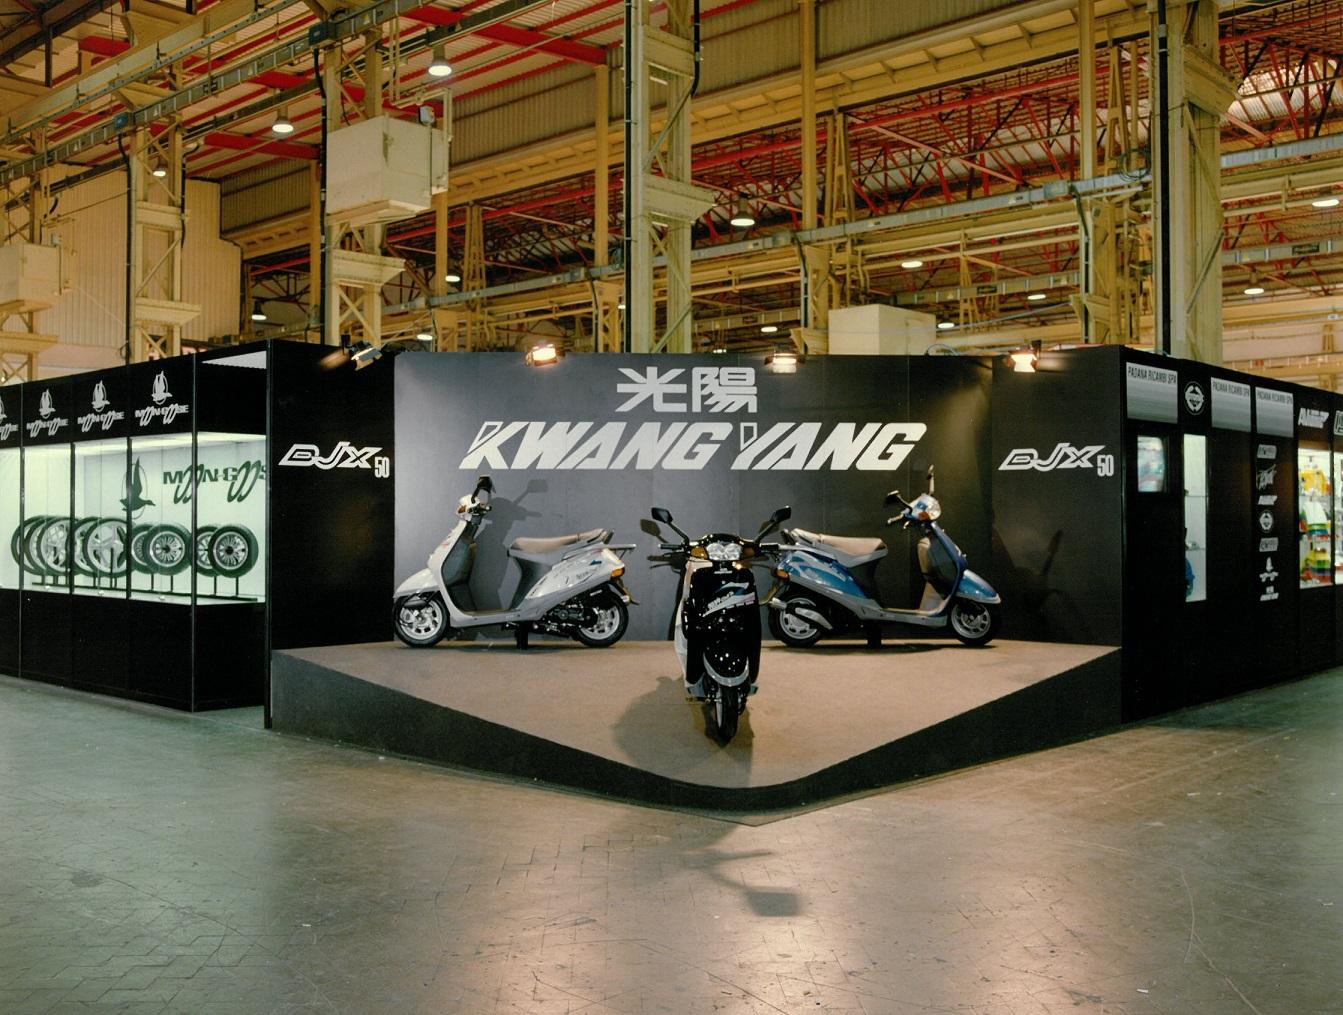 1991 年 Kymco 代理商首度參加米蘭車展。當時在國外車展攤位上還出現中文商標光陽與當時的英文商標 KWANG YANG。